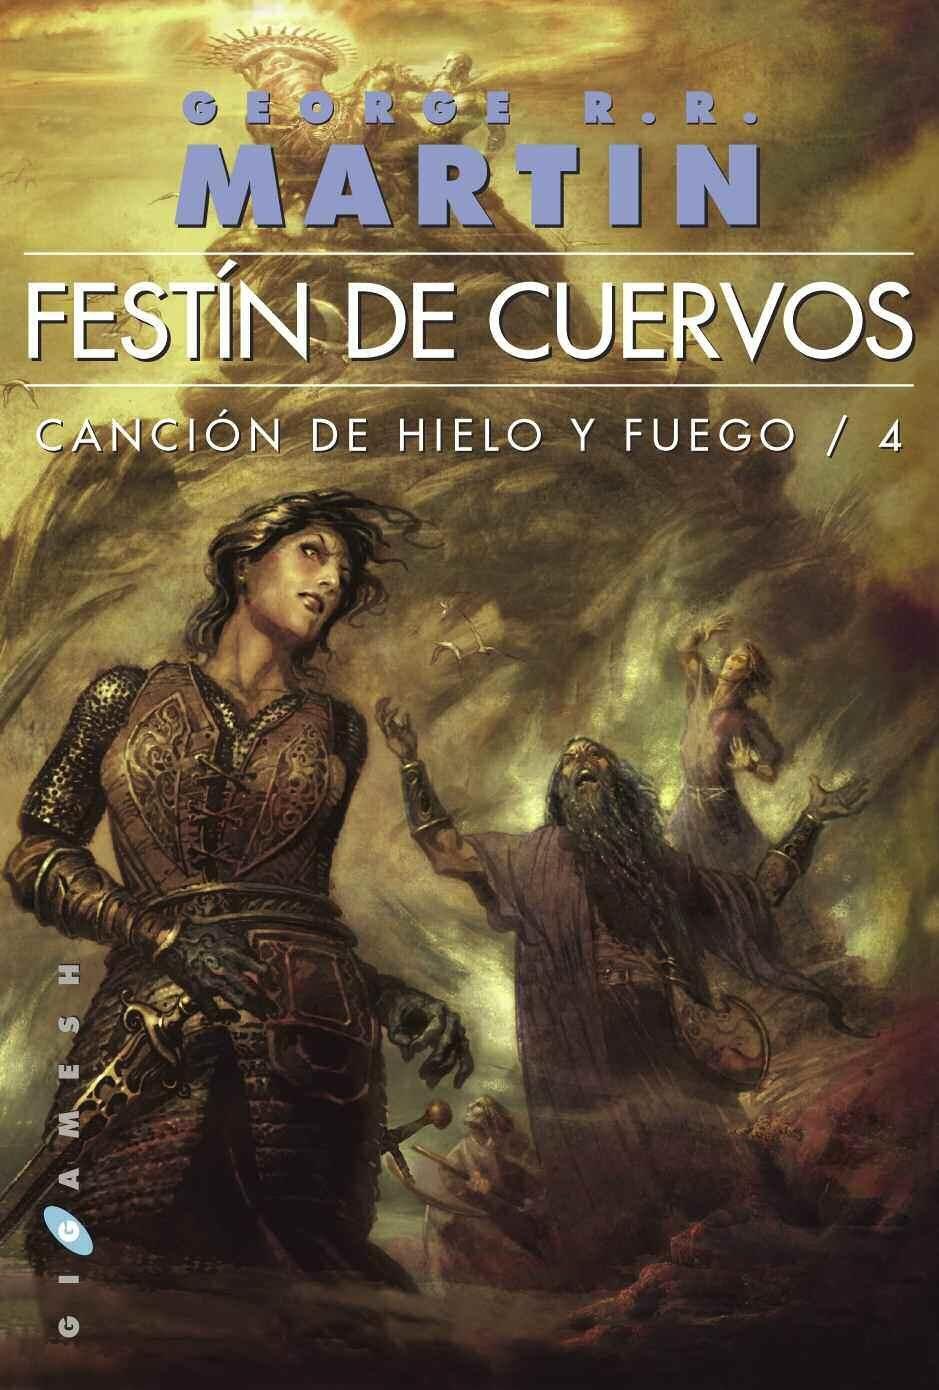 Festín de Cuervos | Juego de tronos libros, Cancion de hielo ...